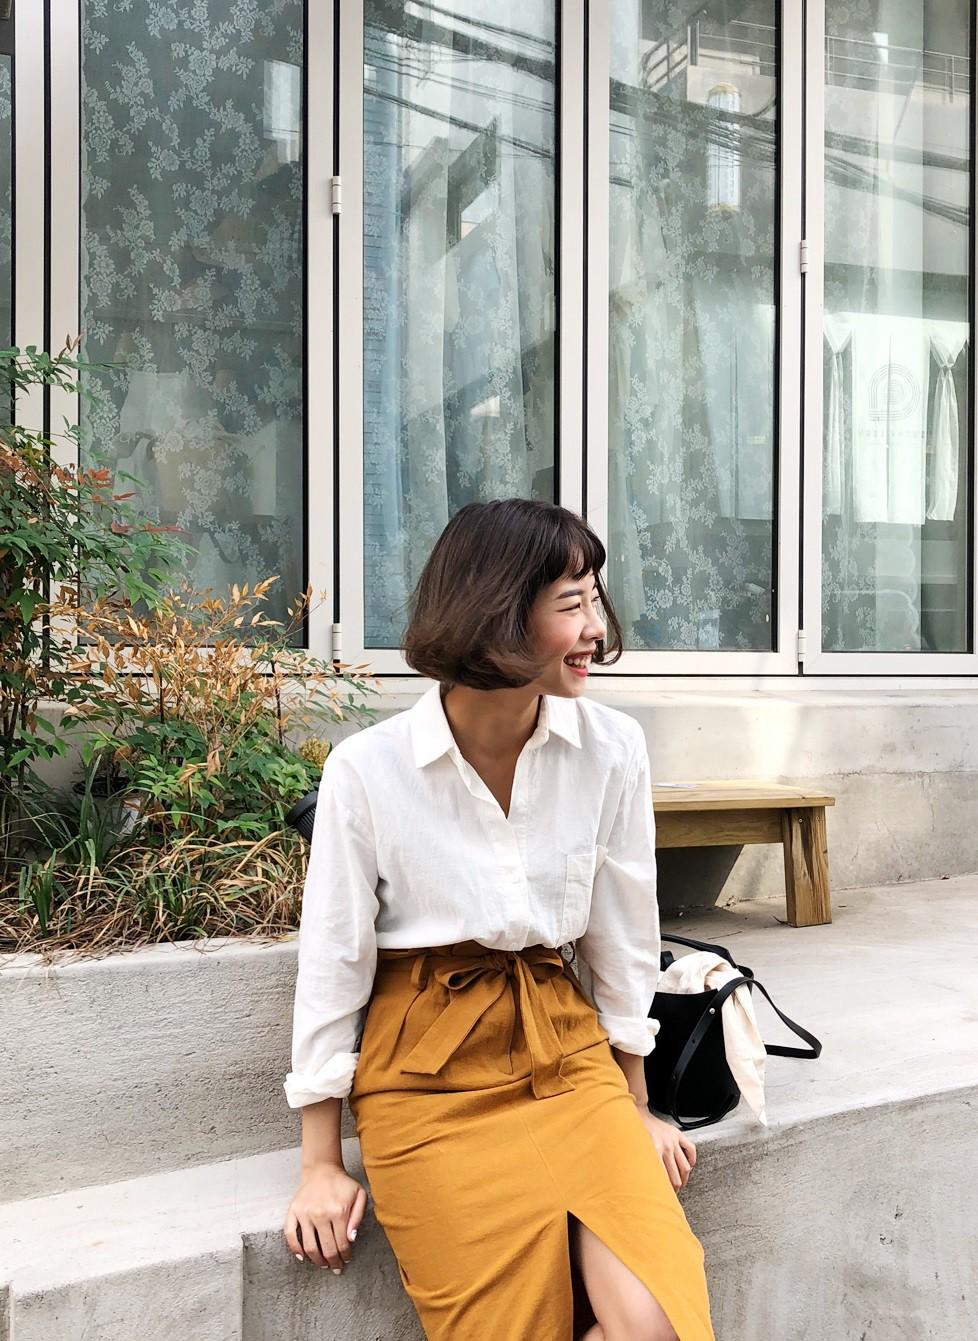 Nếu thấy style công sở của mình hơi 'dừ' và cứng nhắc thì đây là 5 tips diện đồ giúp các nàng ăn gian tuổi đáng kể - 7